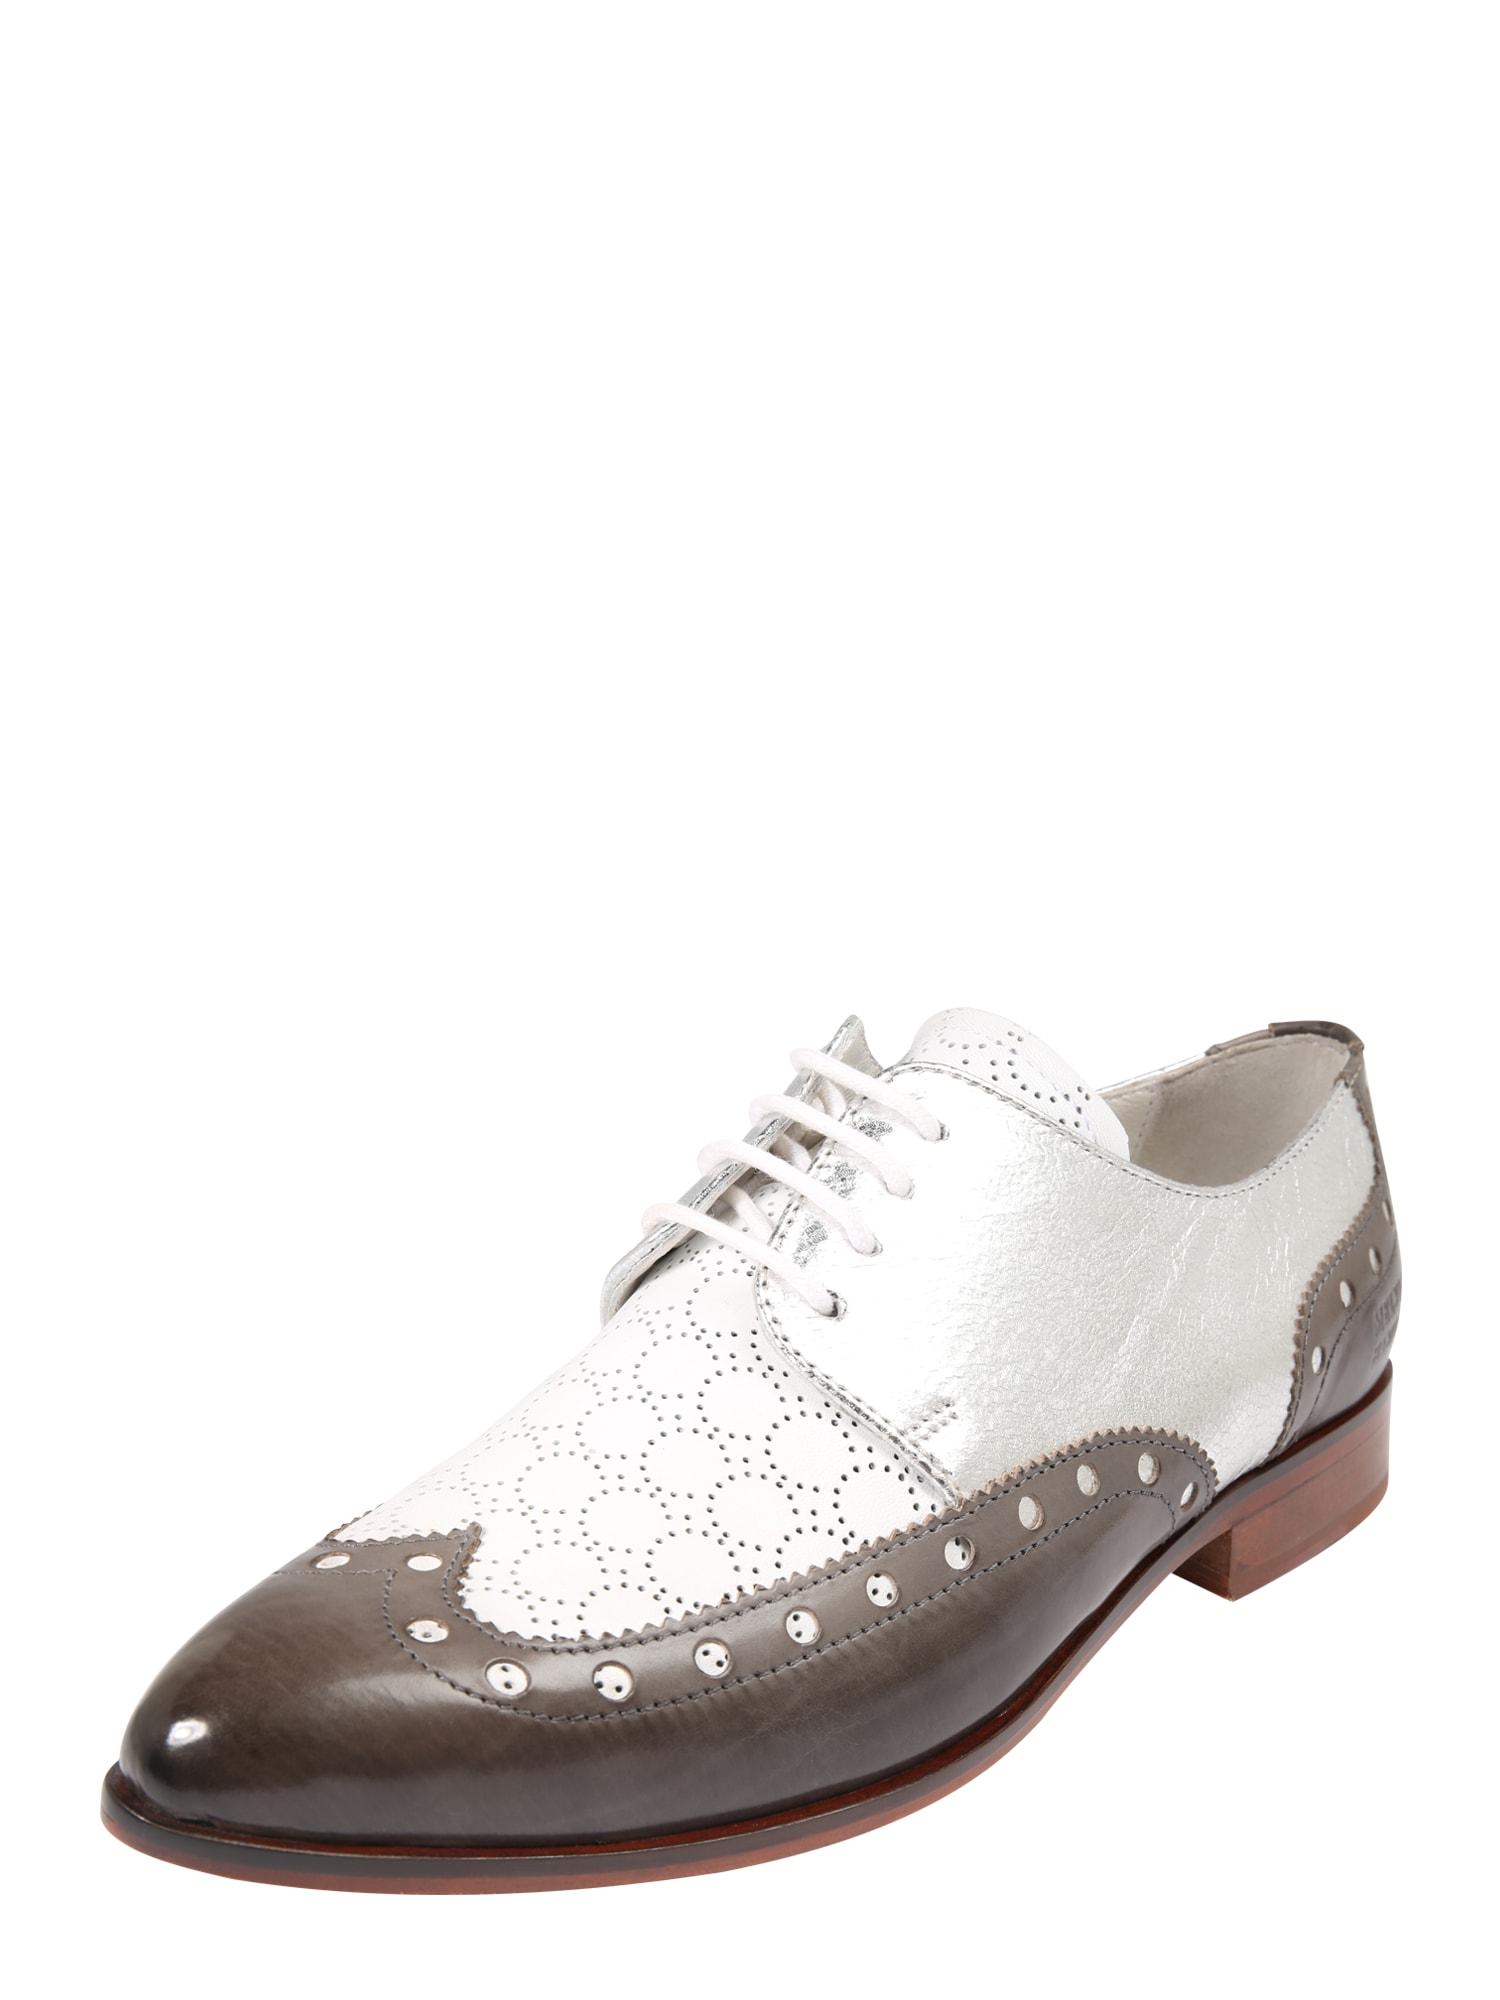 Šněrovací boty Jessy 38 hnědá stříbrná bílá MELVIN & HAMILTON